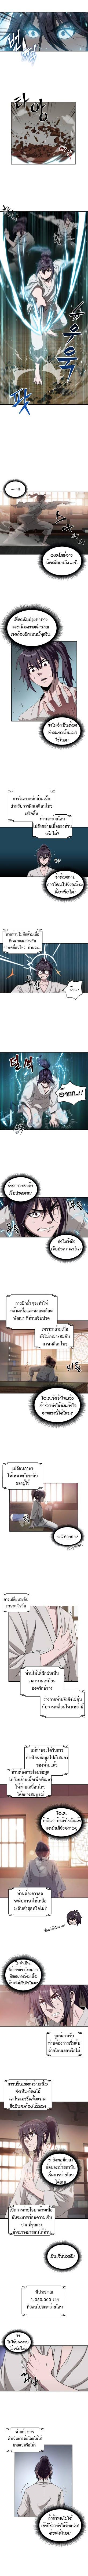 Nano Machine - หน้า 6